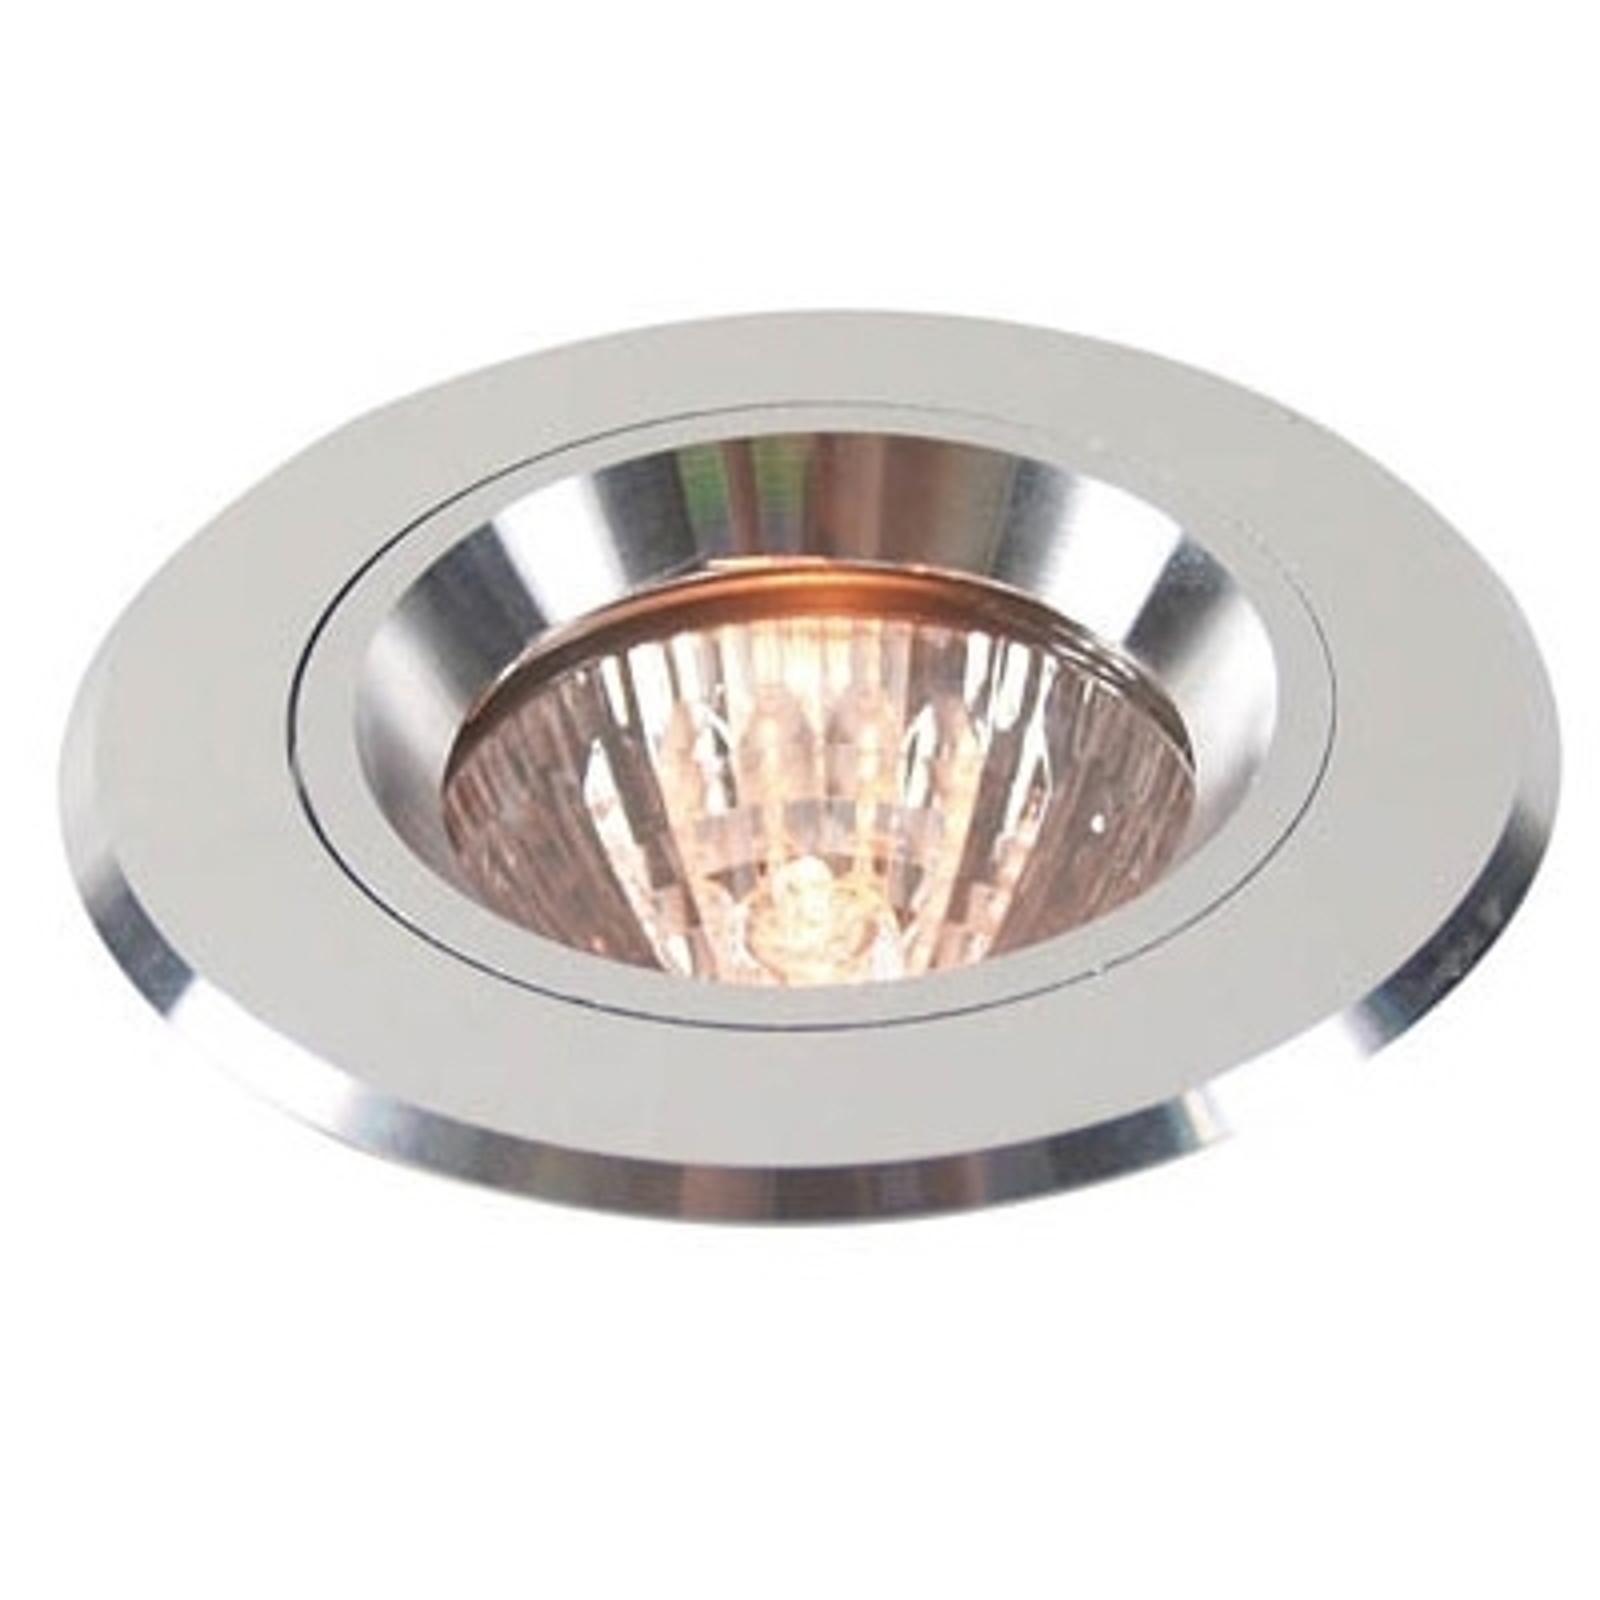 Acquista Anello da incasso in alluminio argento, fisso